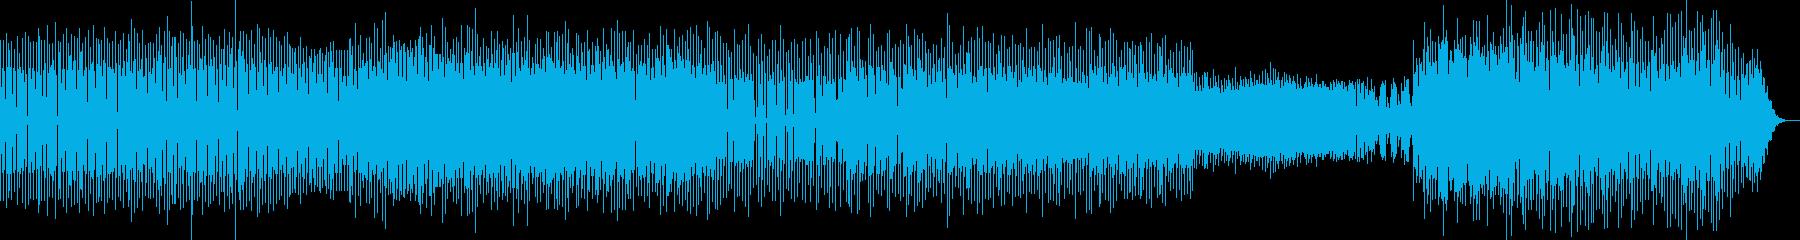 陽気でファニーなミニマルアシッドテクノの再生済みの波形